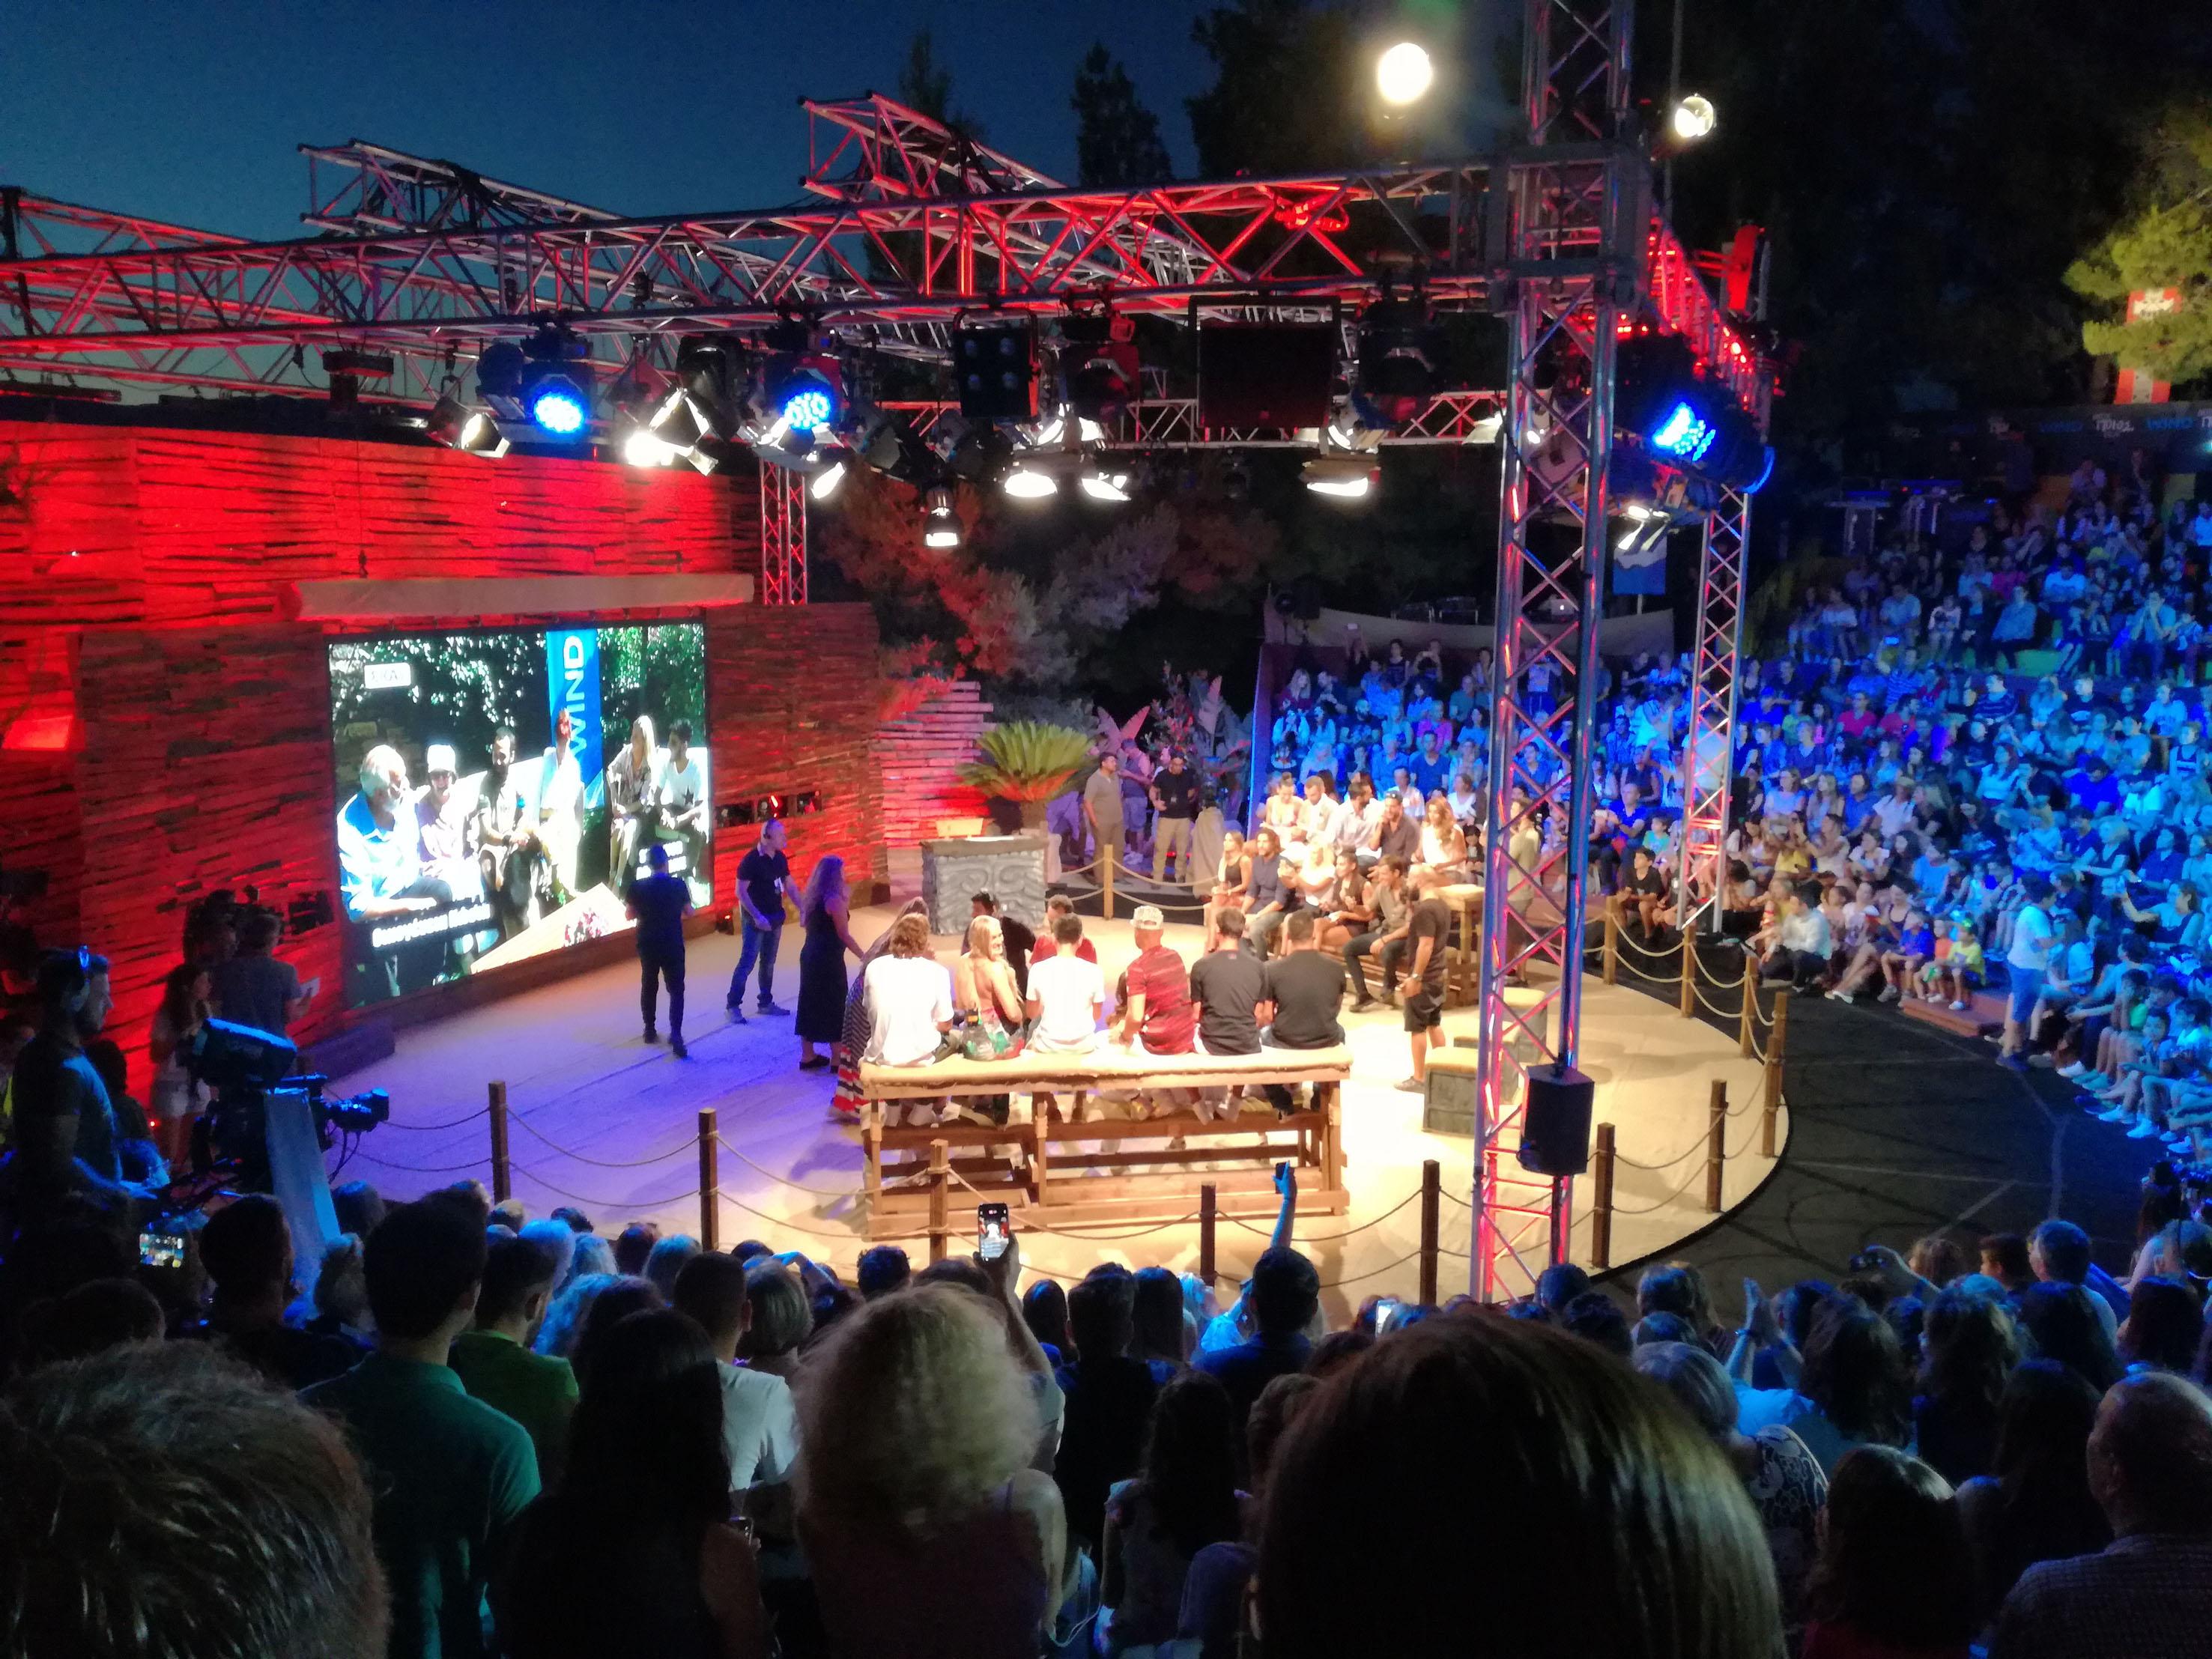 Ντάνος vs Μάριος σήμερα στον τελικό του survivor στο Άλσος Βεΐκου στο Γαλάτσι. Τι έγινε χθες!